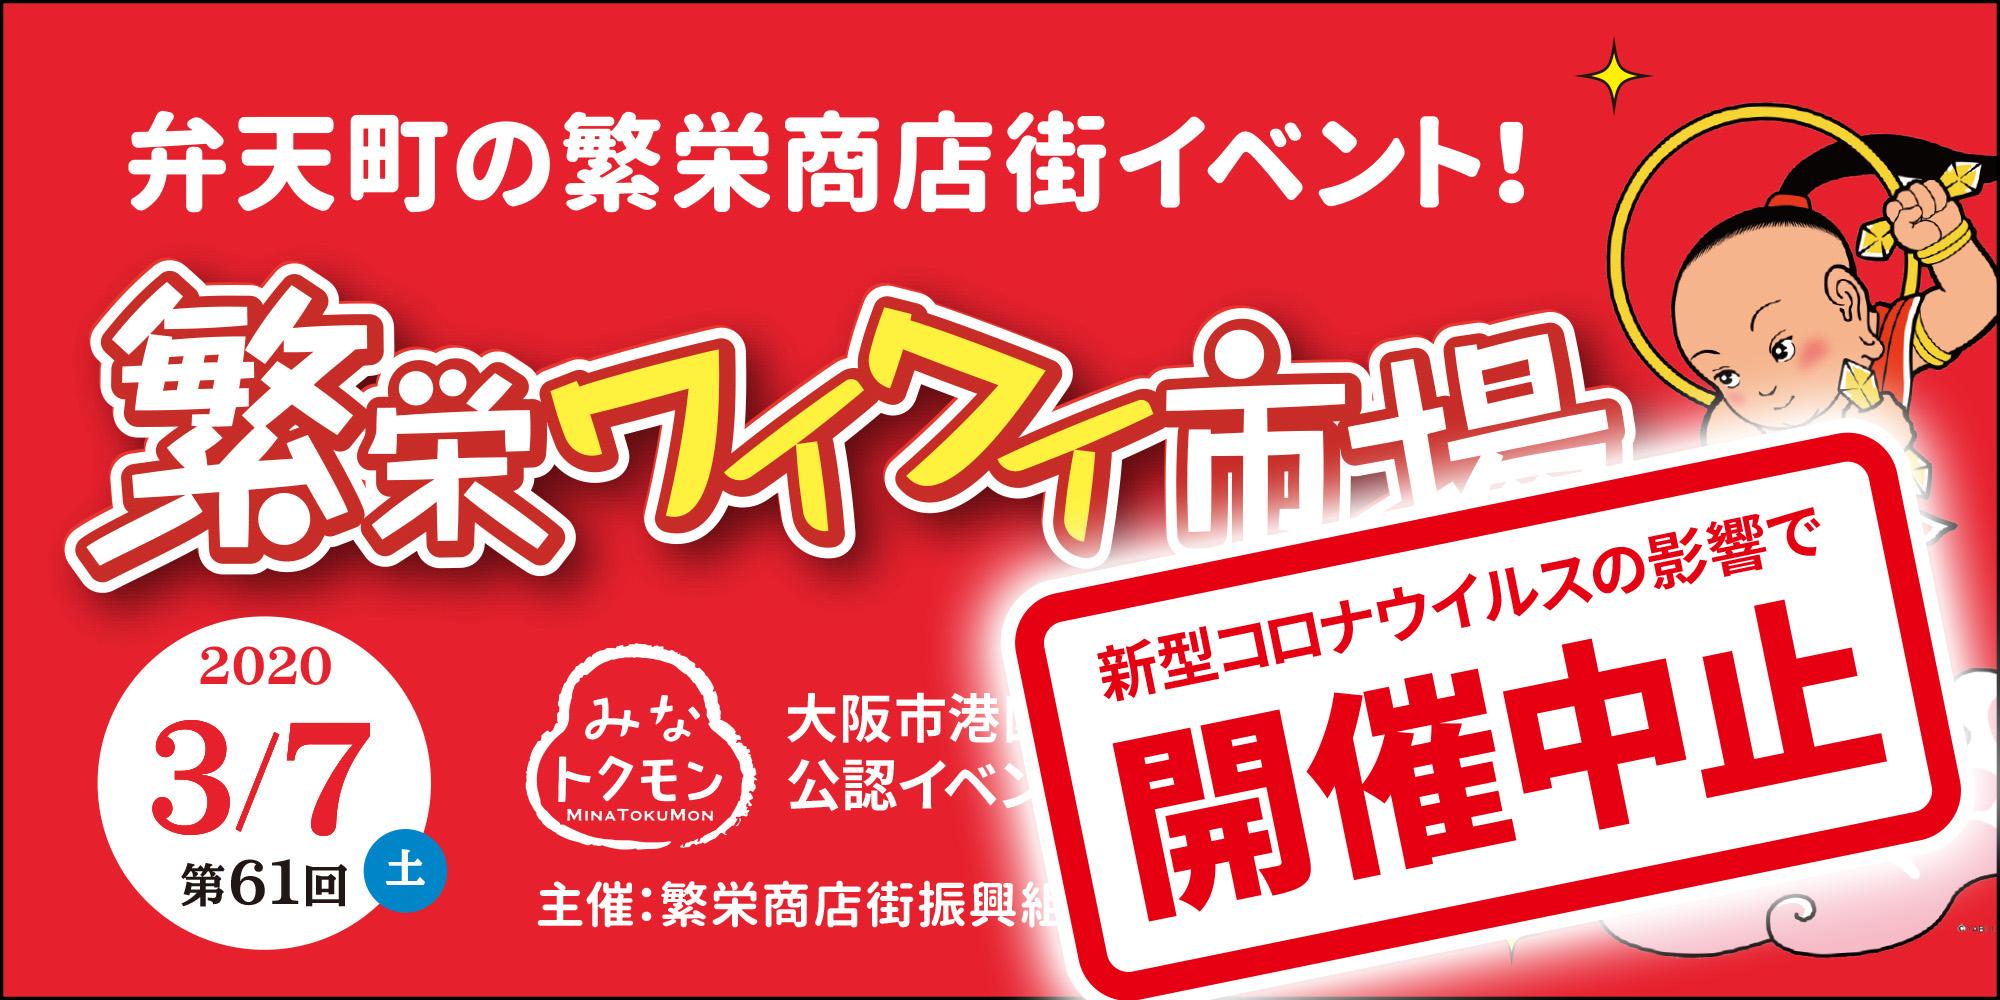 第61回 繁栄ワイワイ市場(大阪市港区・繁栄商店街)5周年記念抽選会